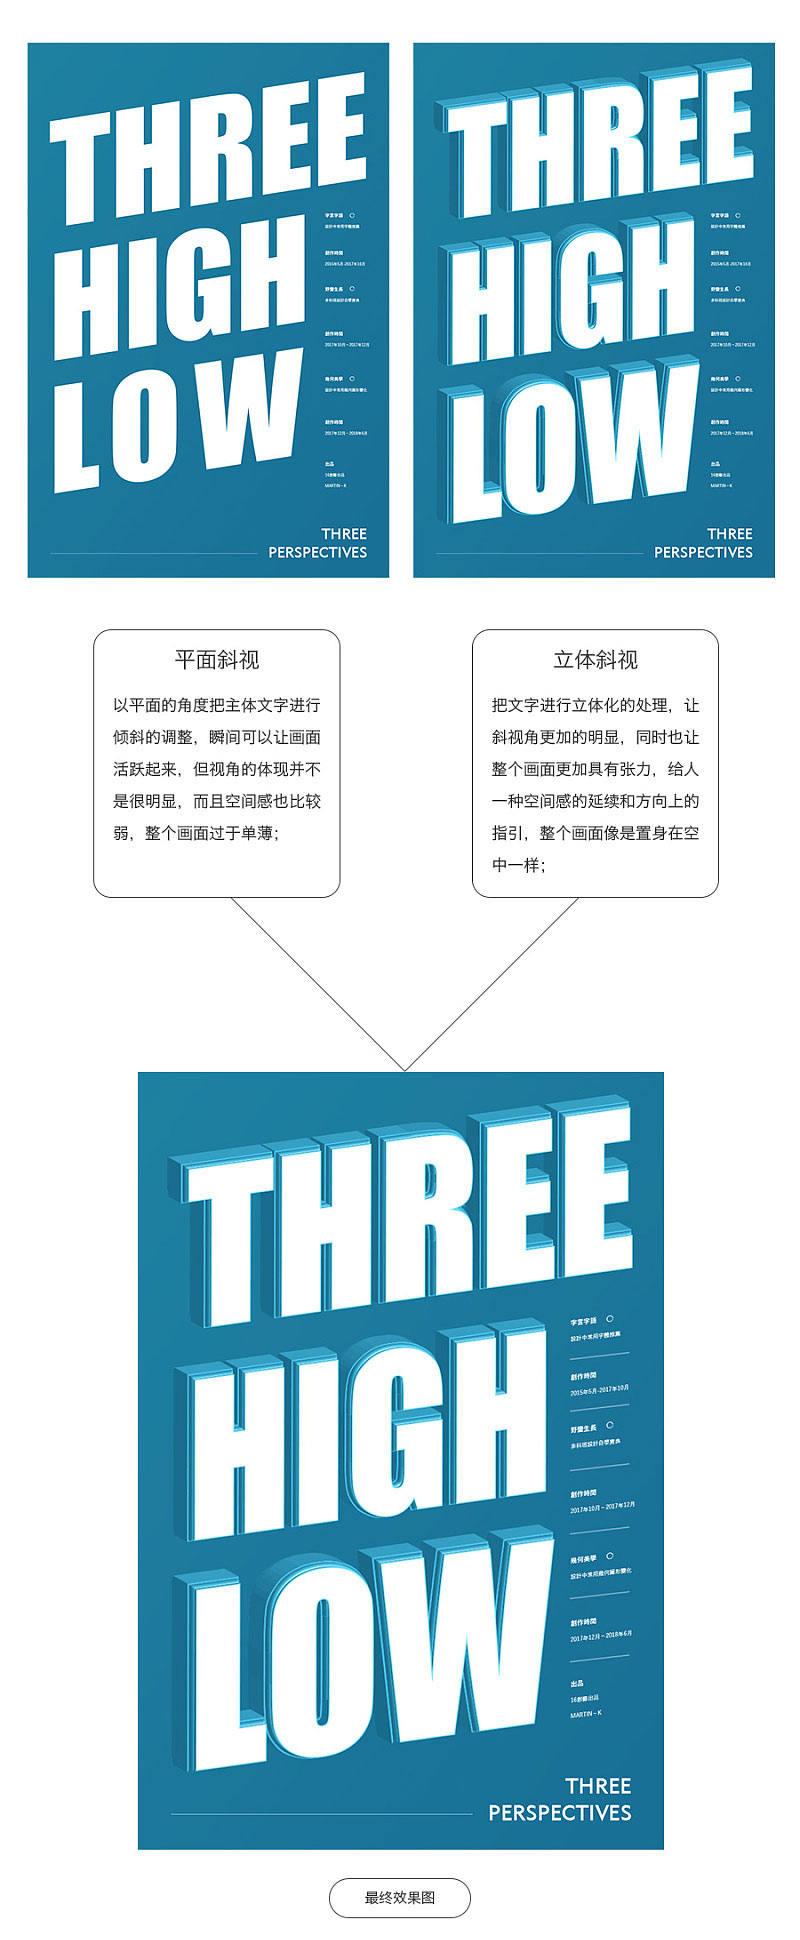 想让作品更有冲击力?来学习设计中的3种构图视角